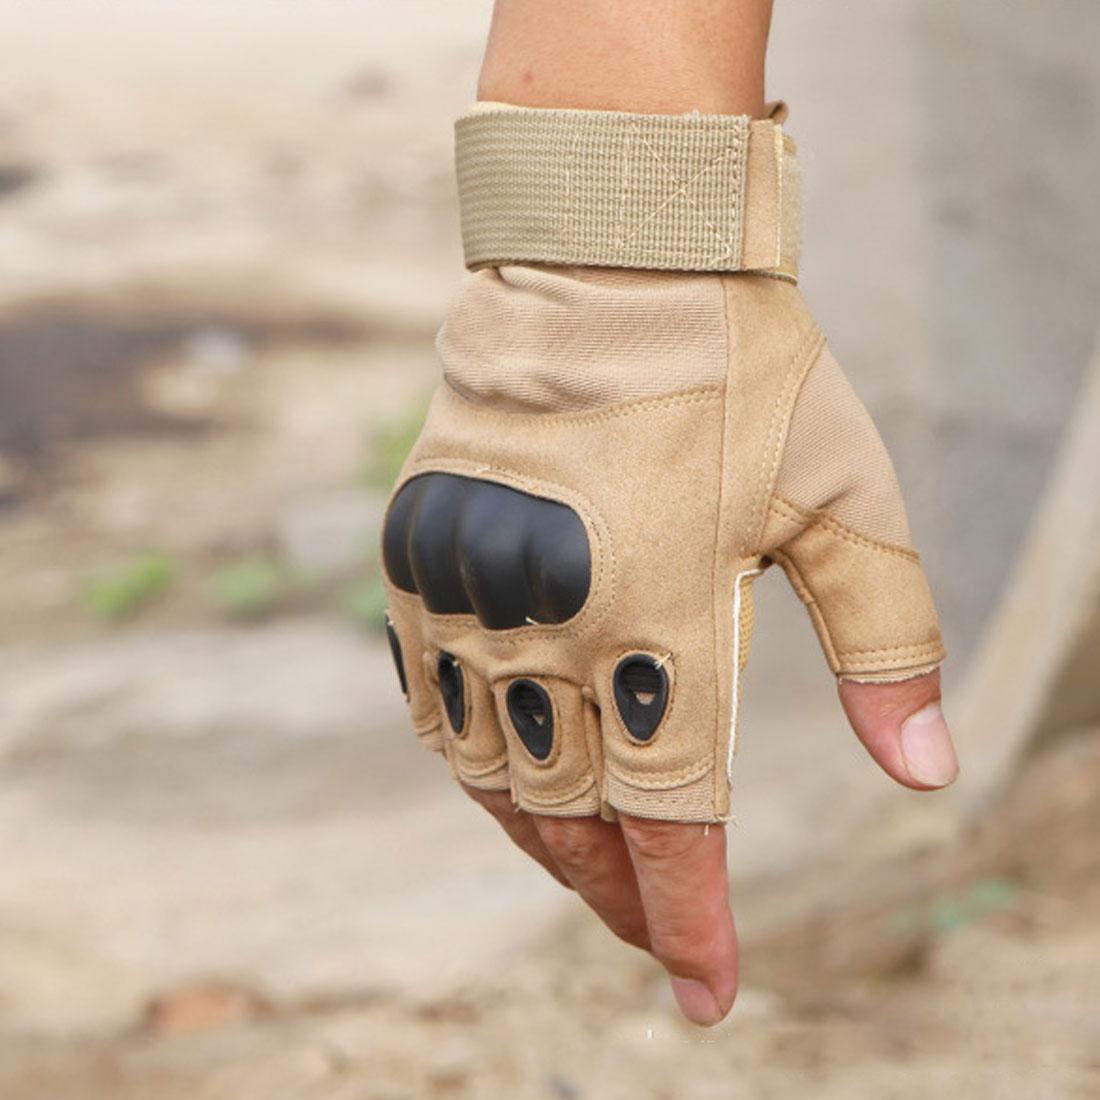 חם 1 זוגות כפפות טקטיות חצי אצבע ללא אצבעות כפפות לגברים פעילות גופנית ספורט לביש